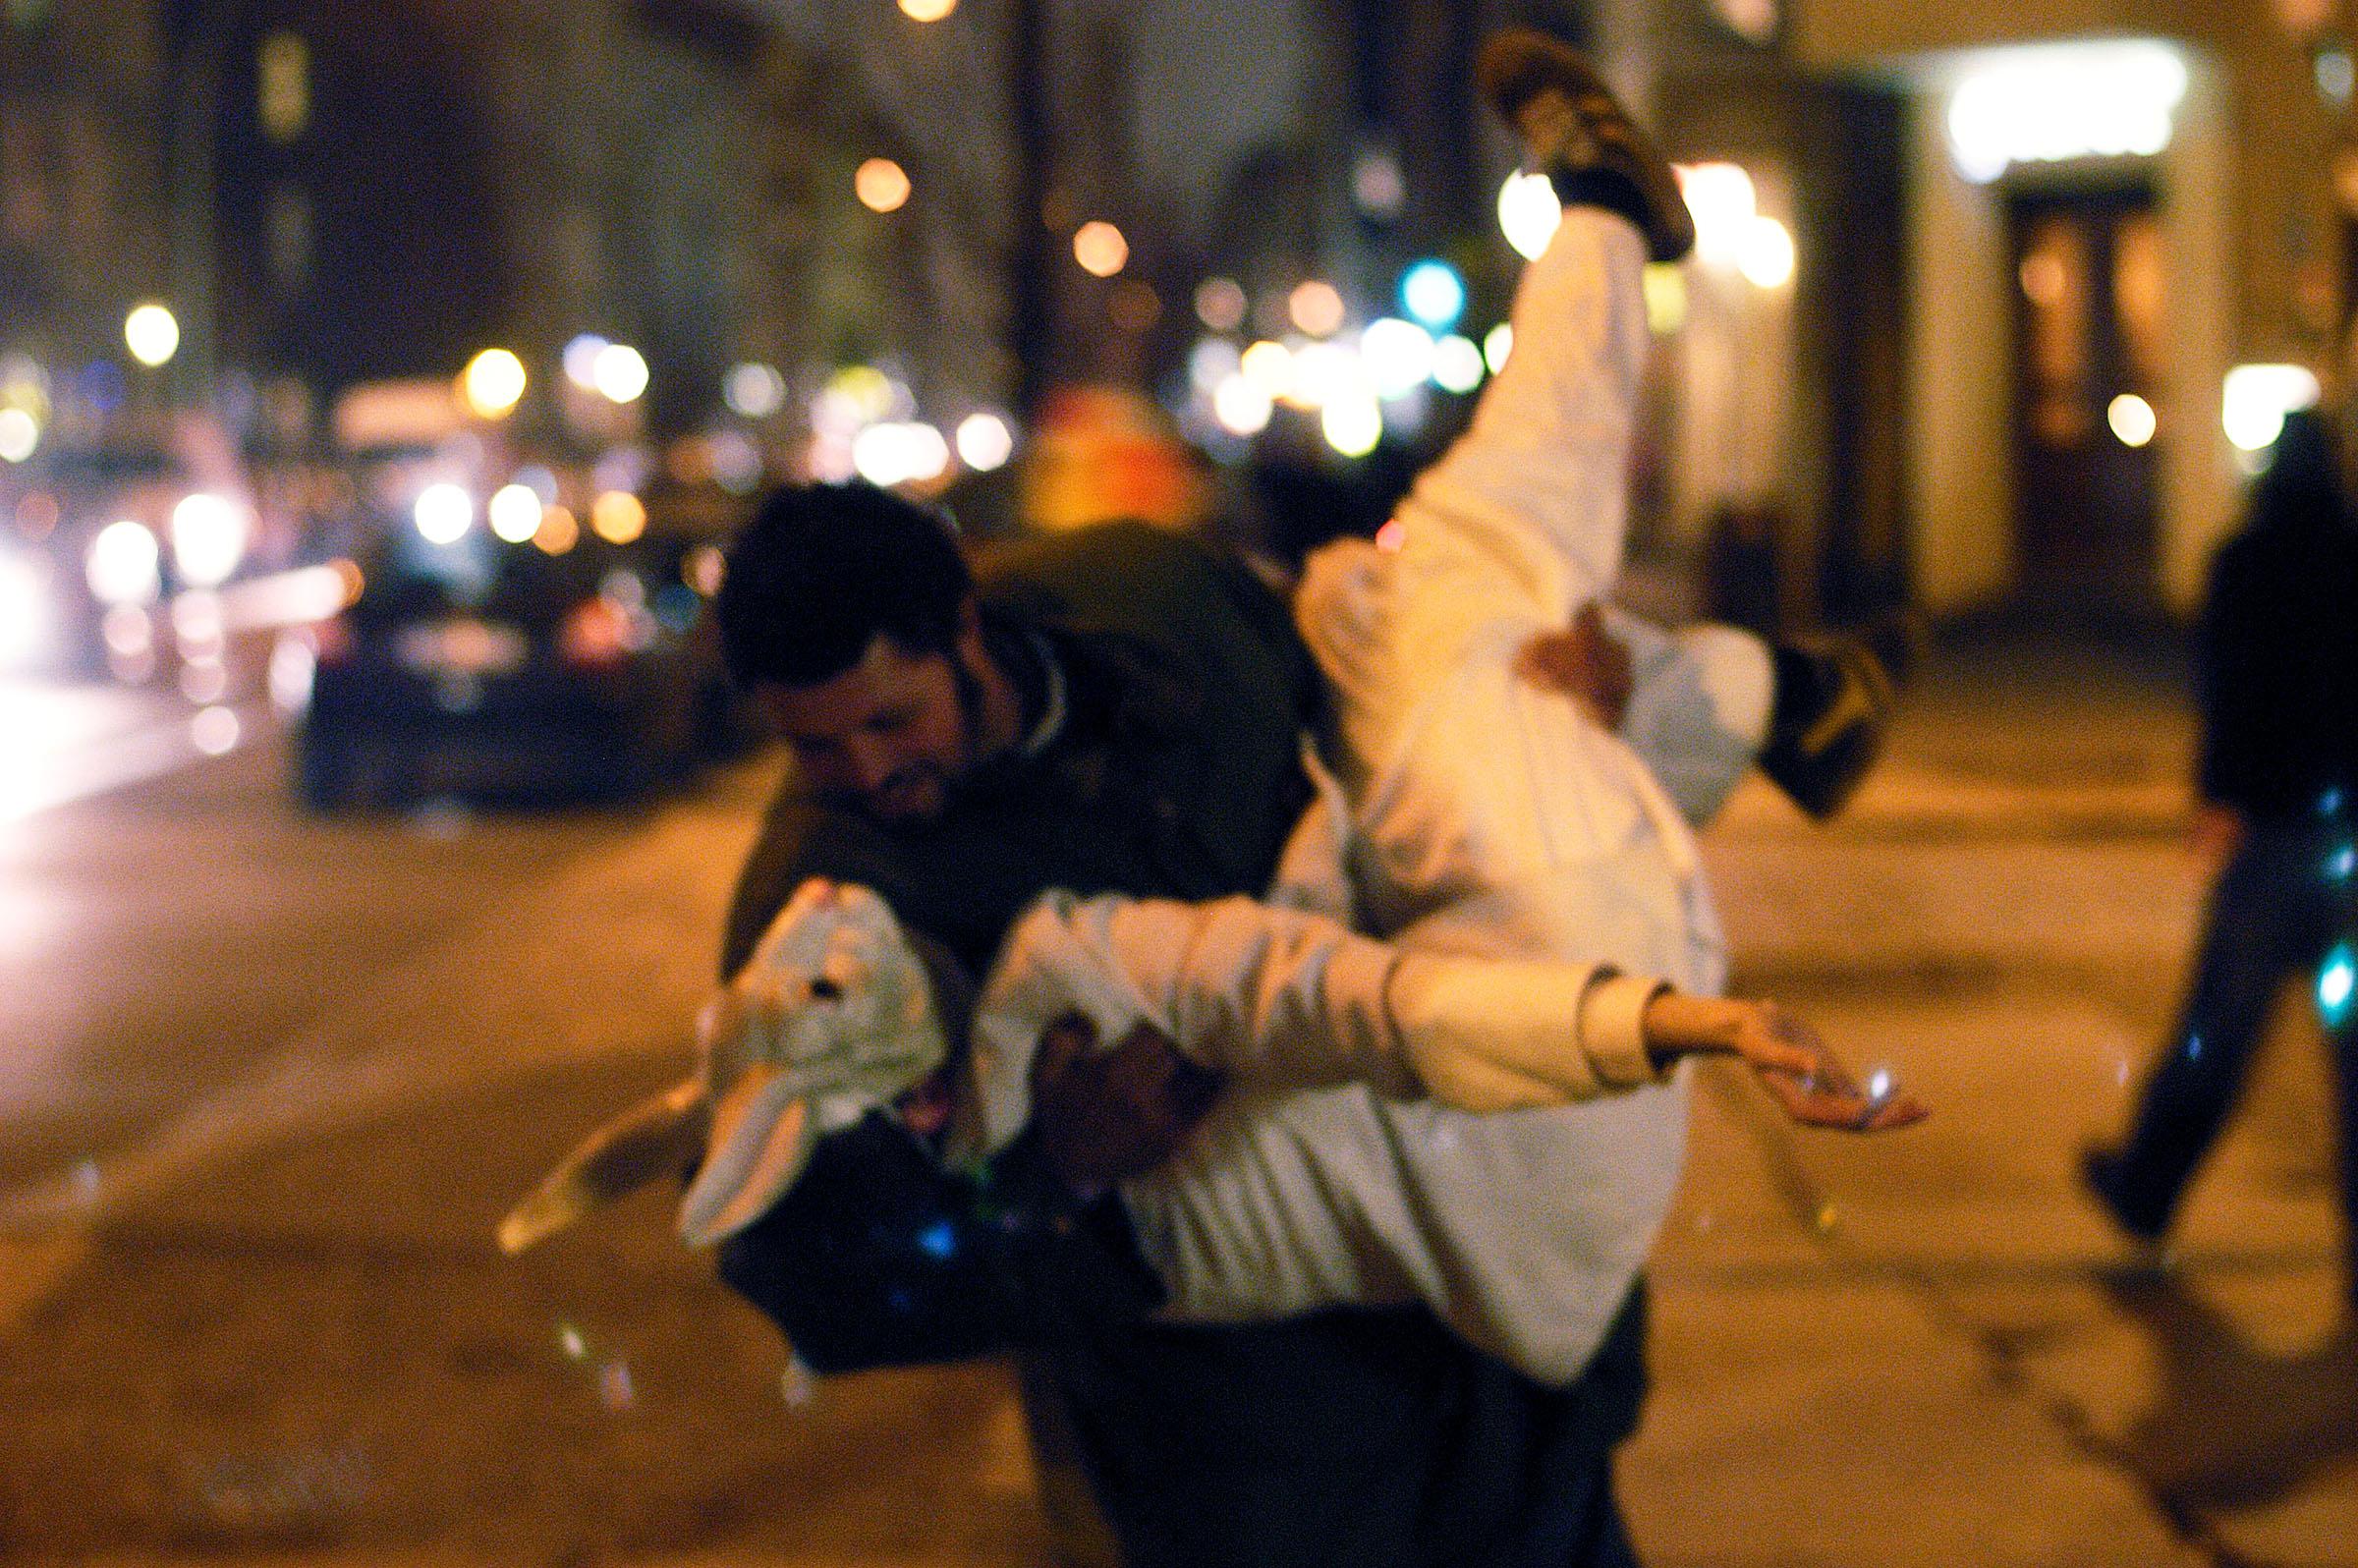 Der Held in Hasenkostüm wird beim Happy End von einem Passanten geküsst.